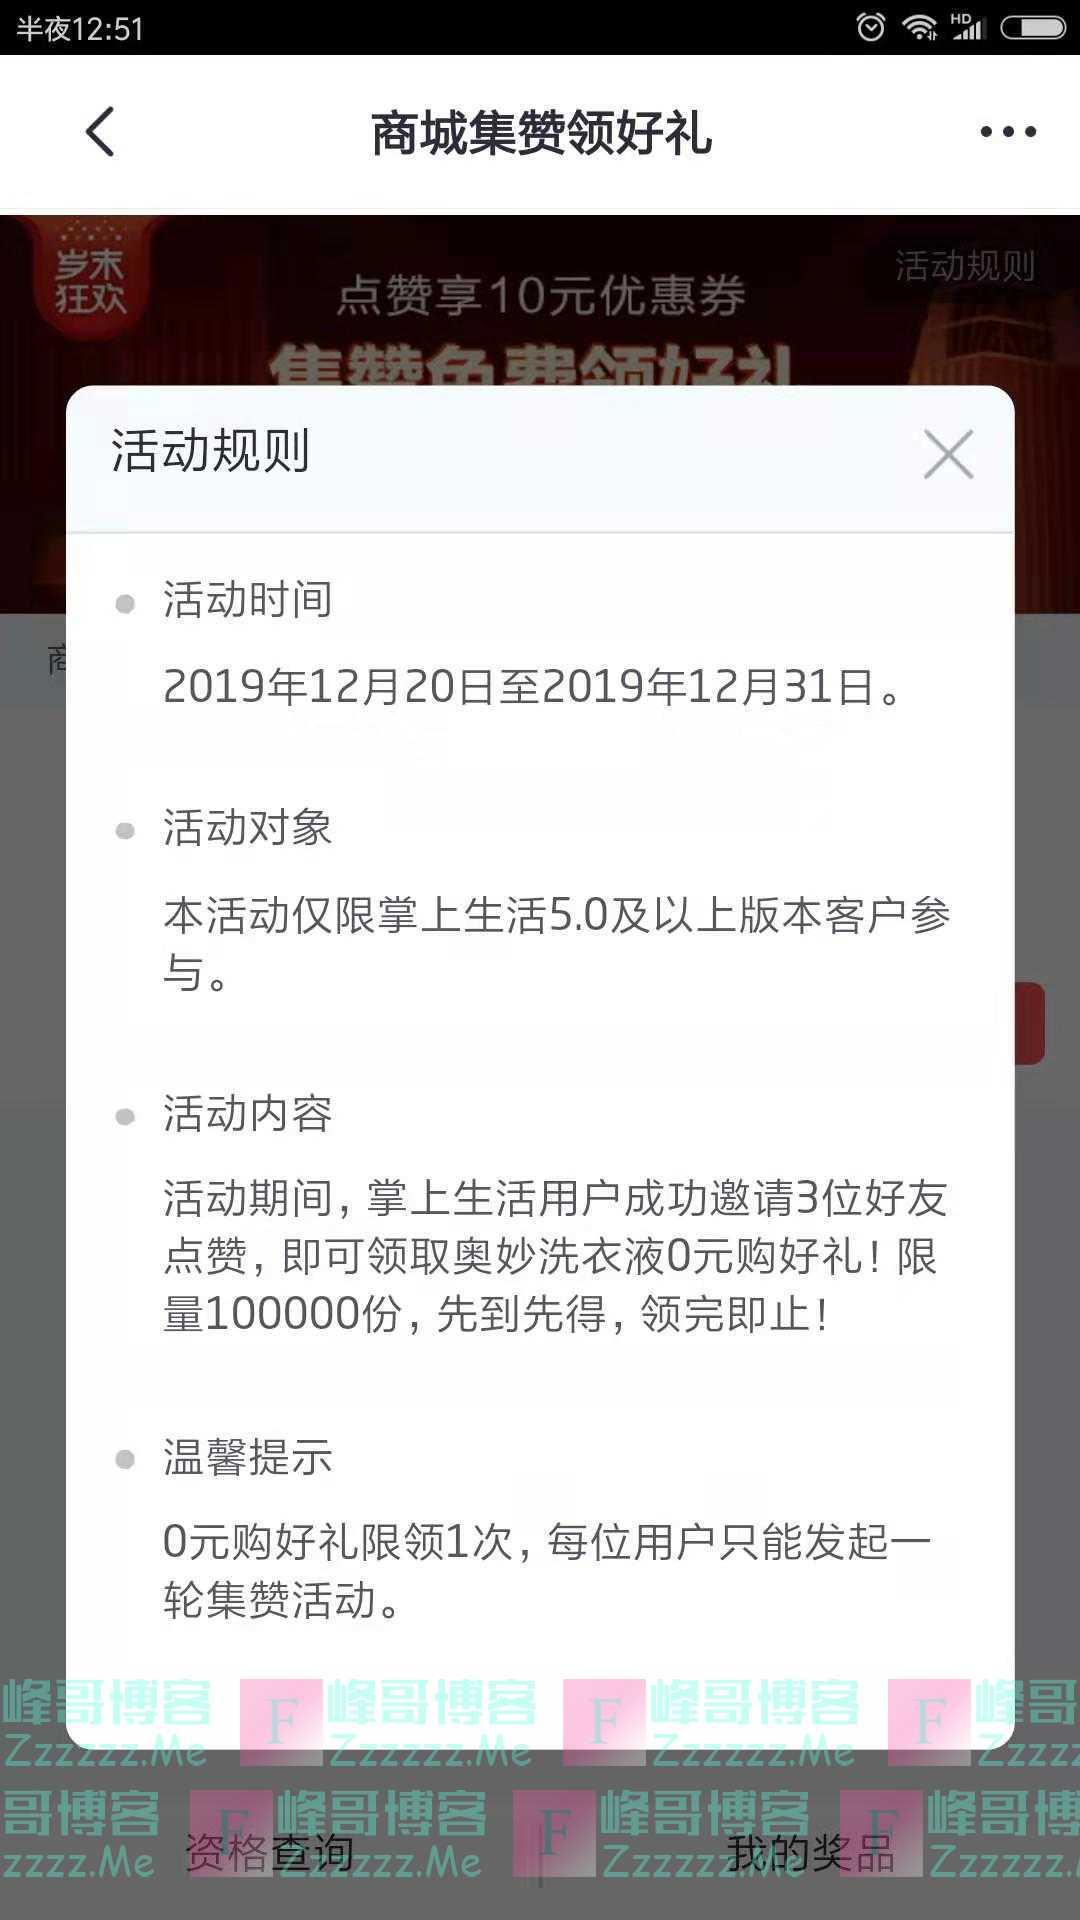 掌上生活商城集赞领领好礼(截止12月31日)